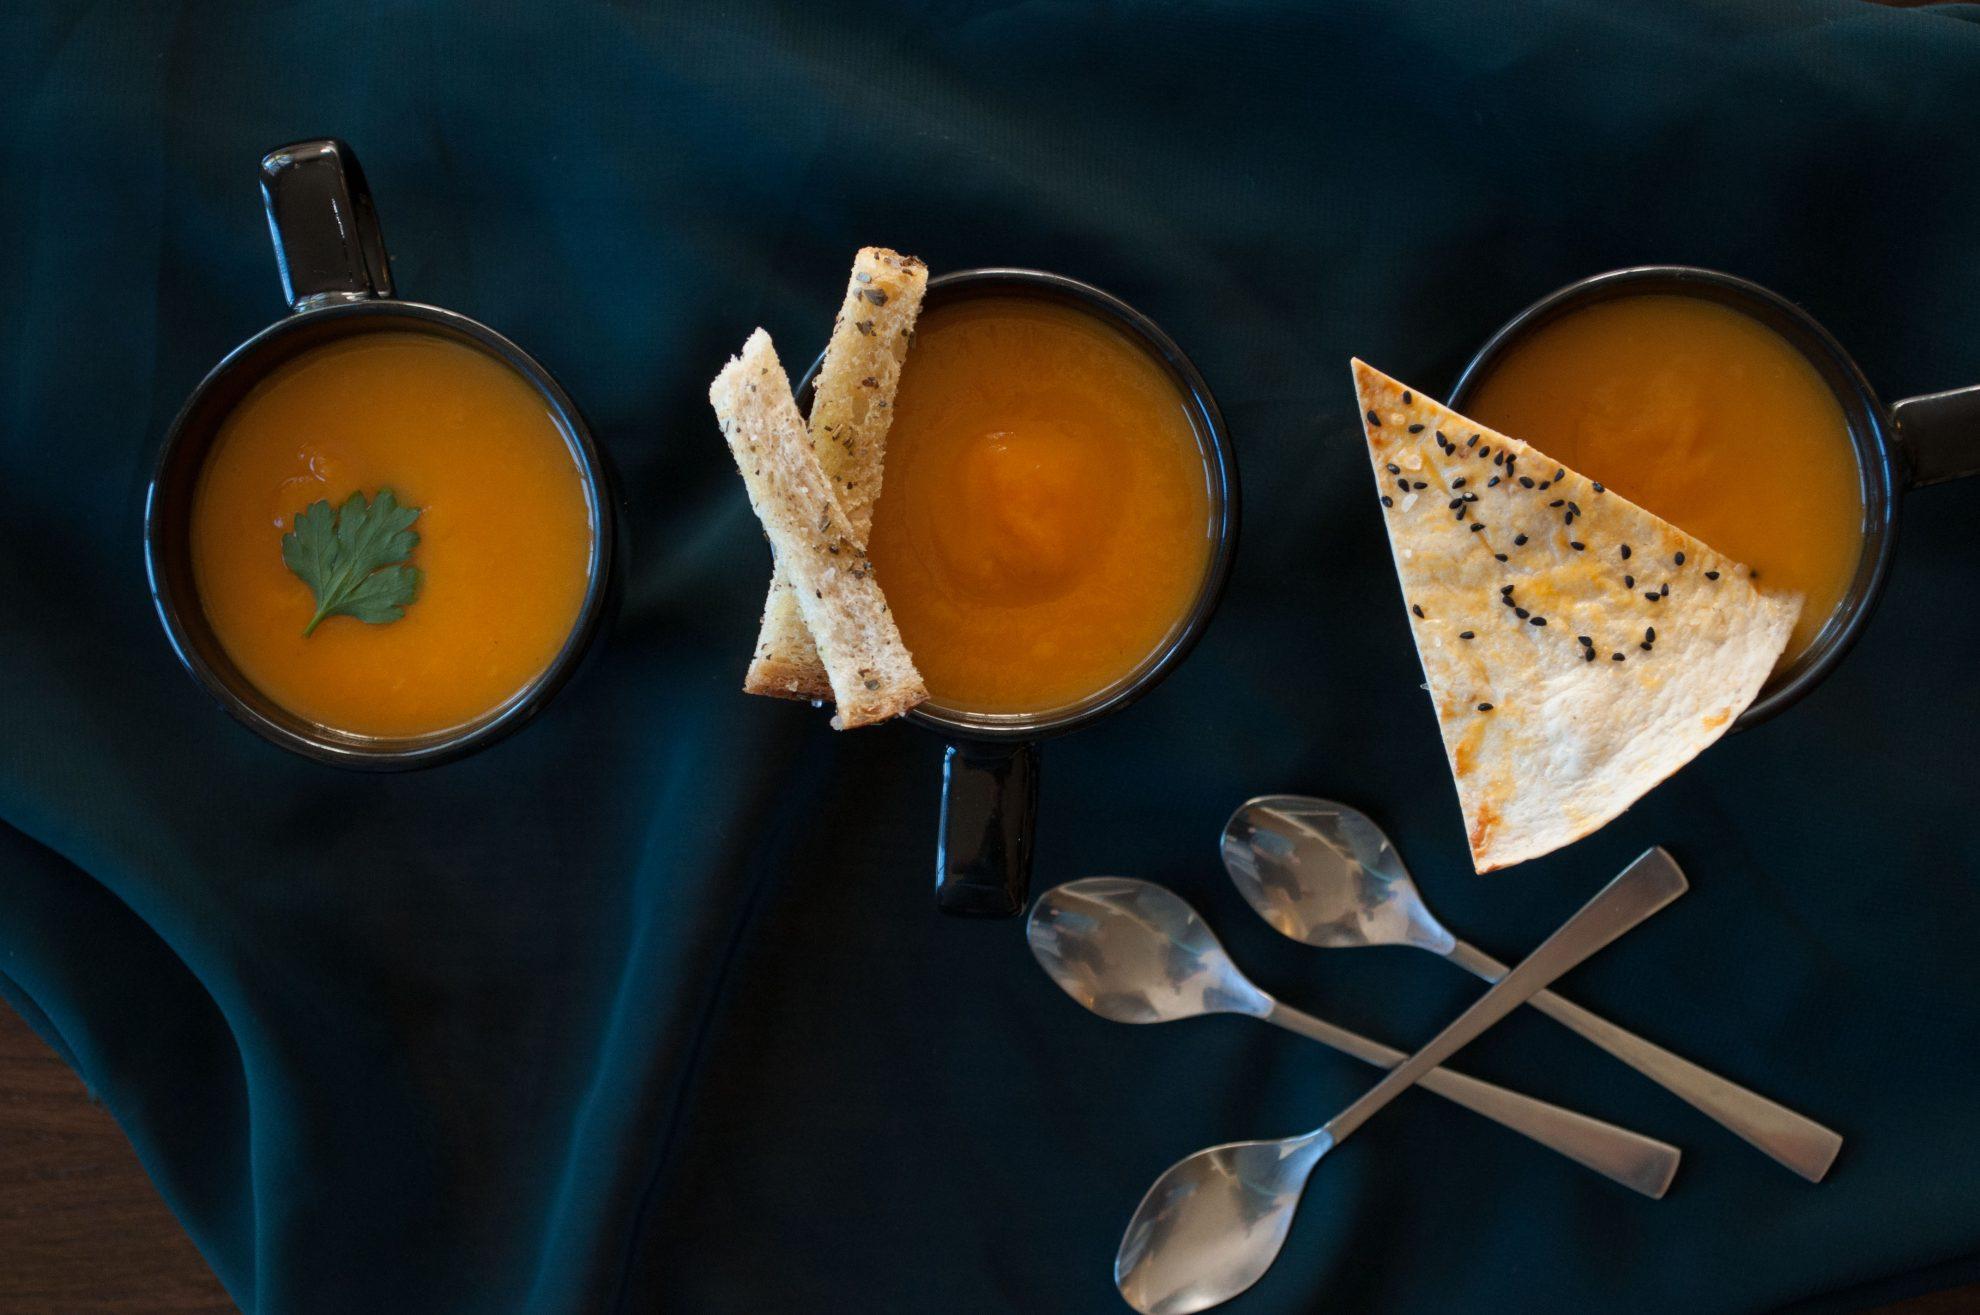 אירוח אקסקלוסיבי- קייטרינג לאירועים פרטיים